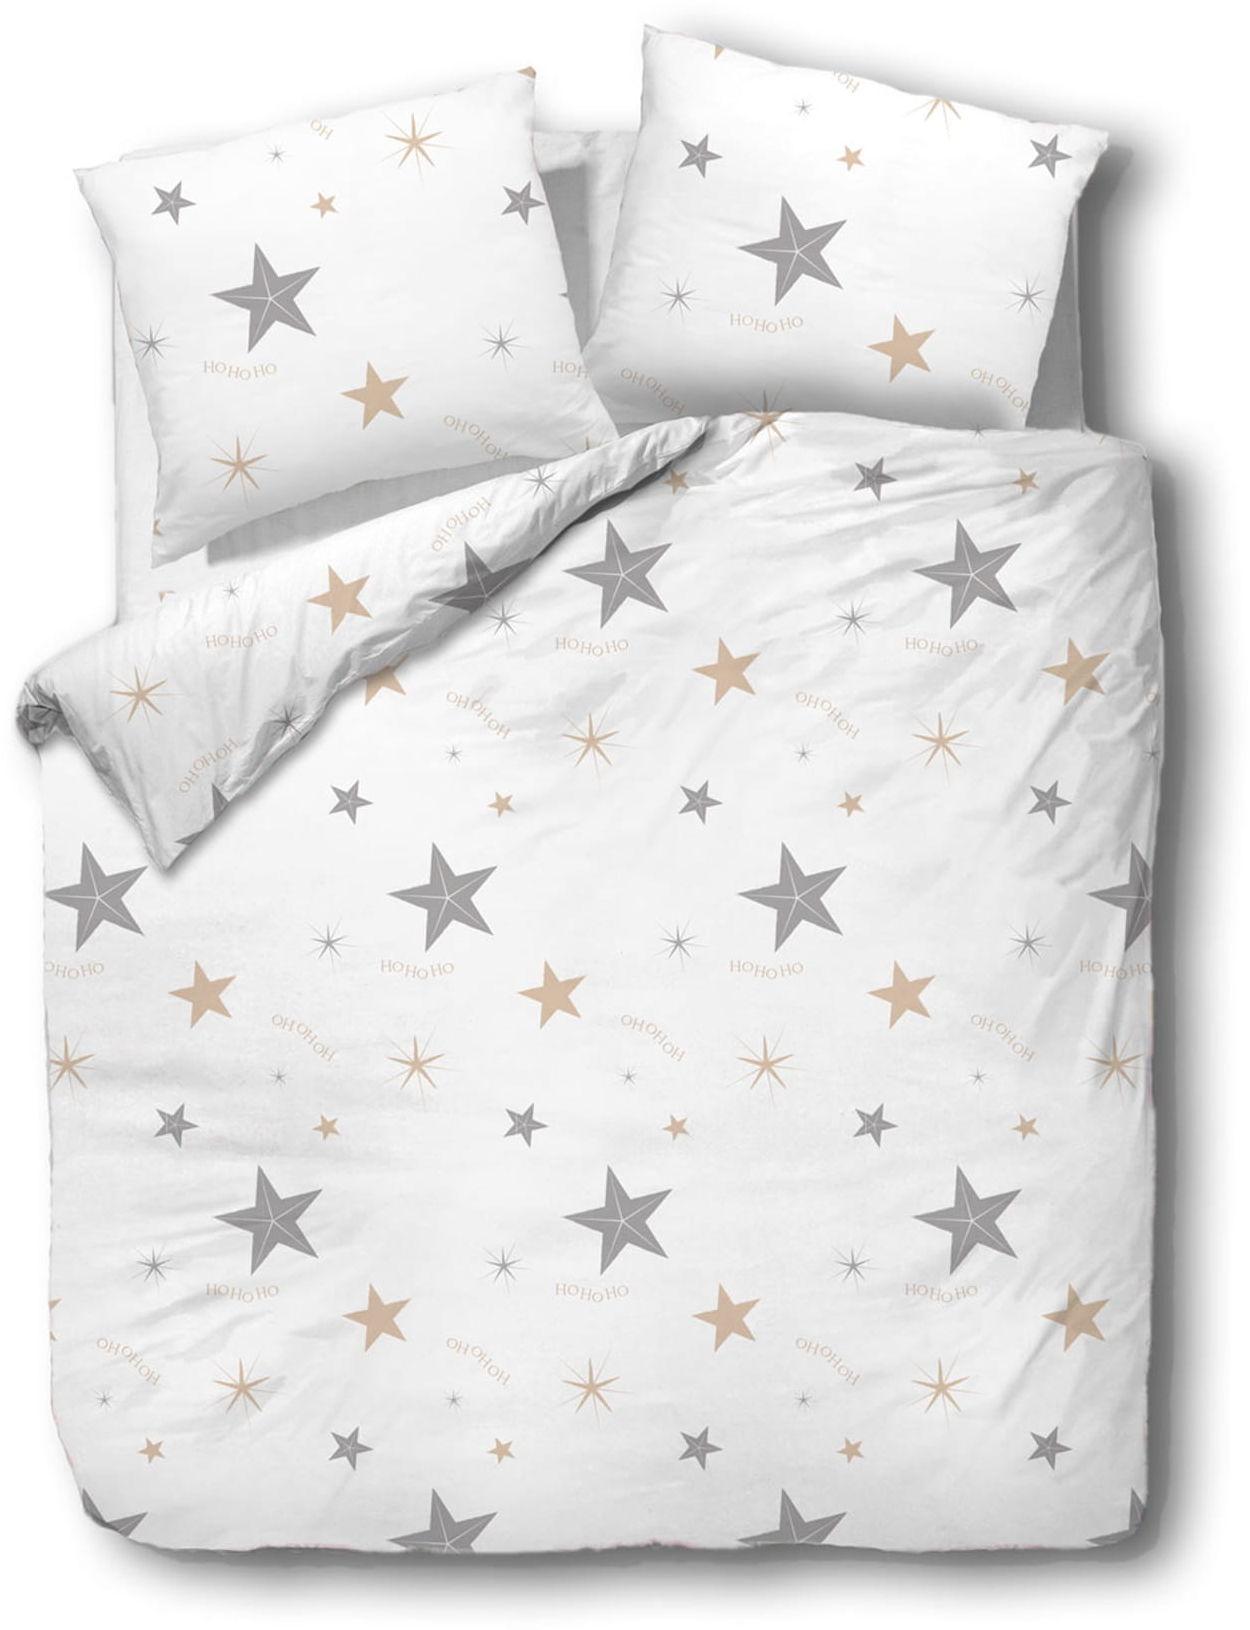 Pościel 220x200 bawełniana Komplet gwiazdy ho ho ho